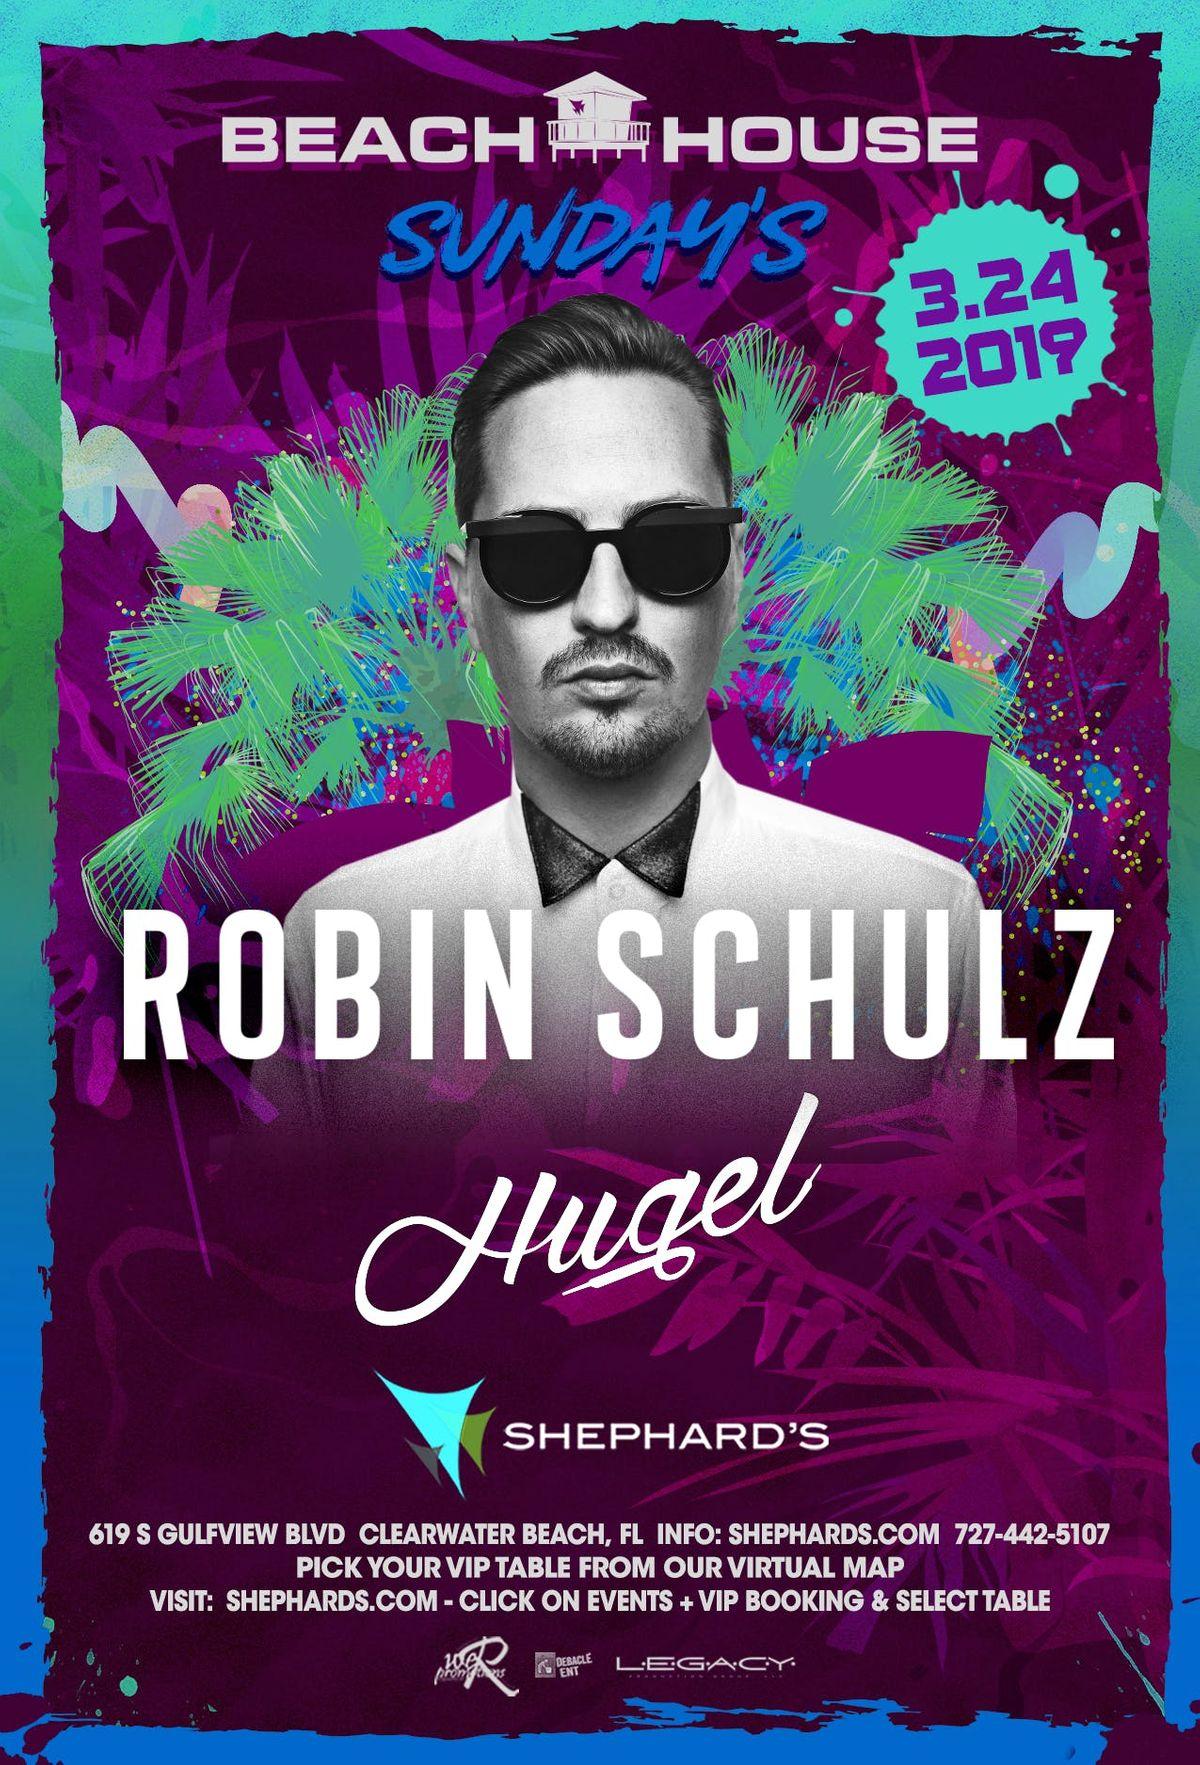 Robin Shulz with Hugel Beach House Sundays